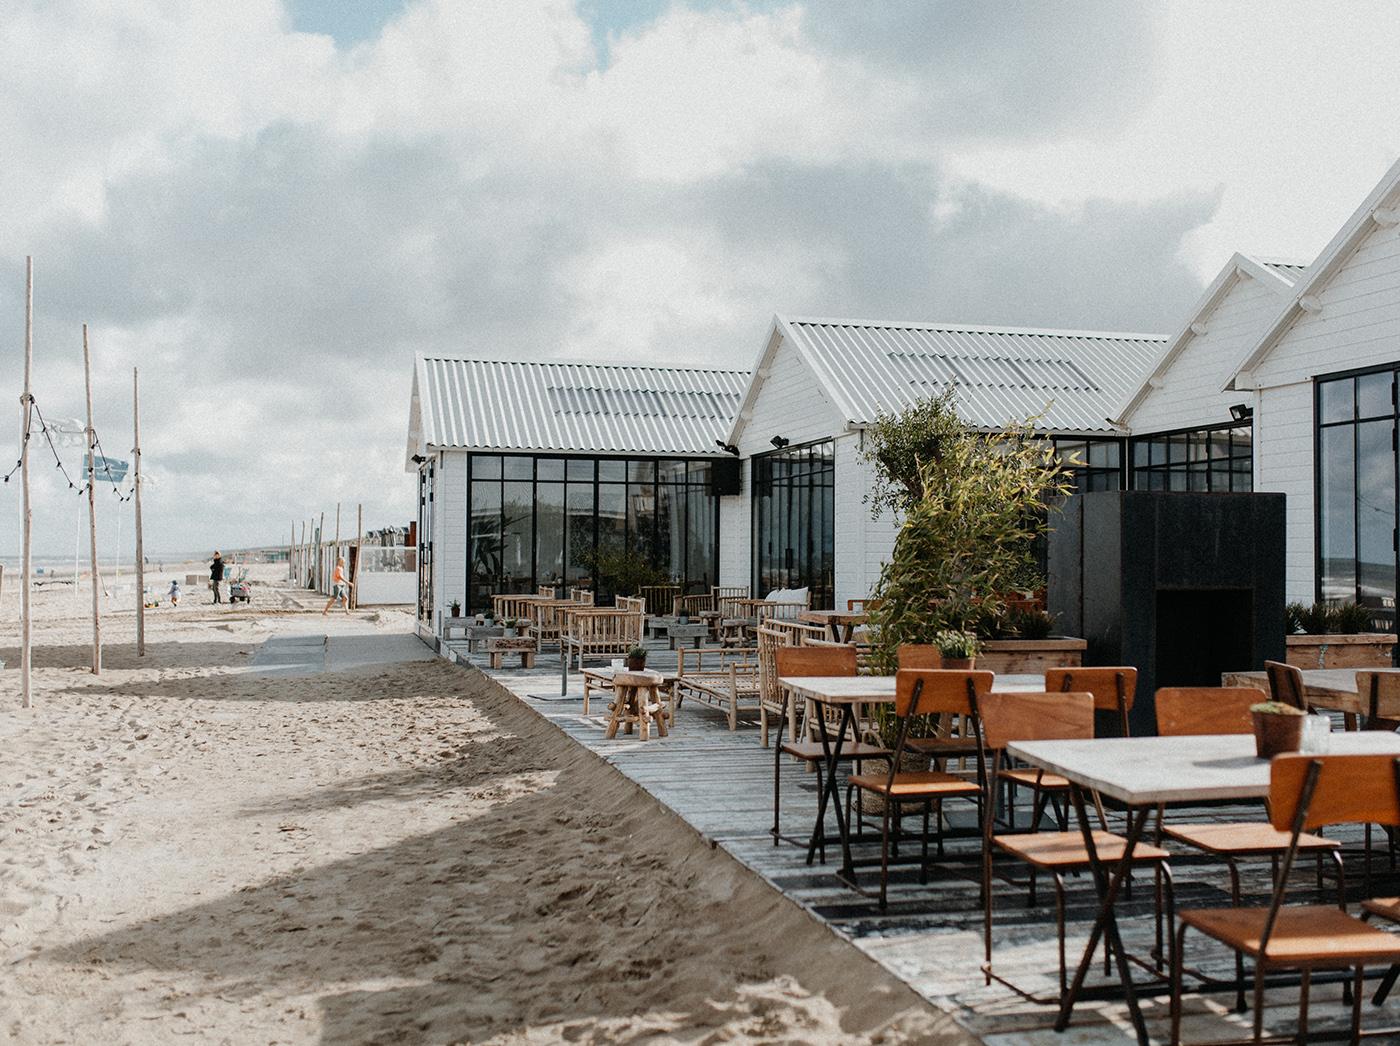 Traumanufaktur_Reisereportage_Niederlande_Zaandvoort_Urlaub_mit_Hund_64.jpg